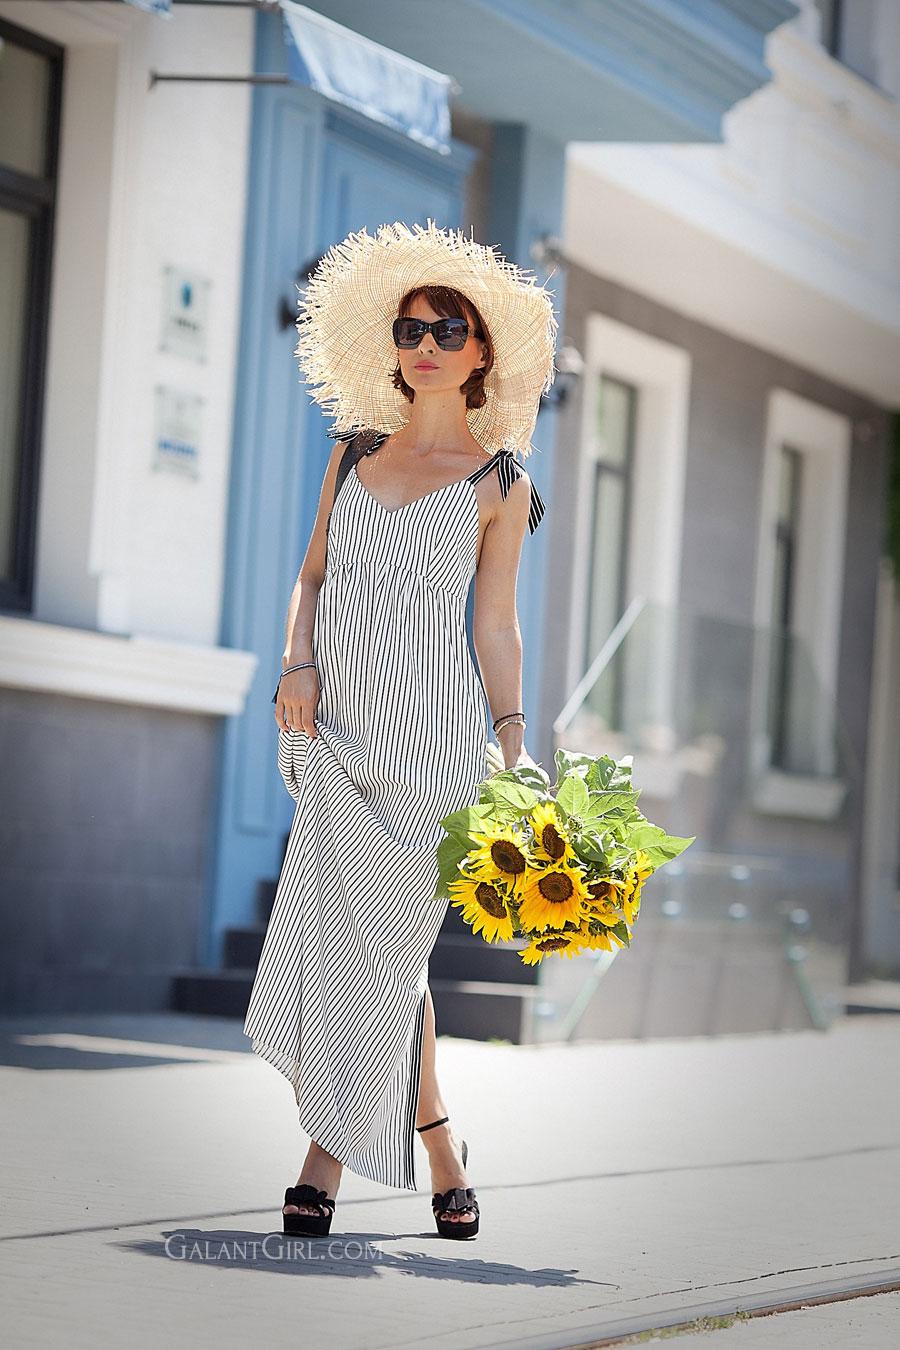 полосатый сарафан на лето, летние цветы подсолнухи, большая соломенная шляпа, летние шляпы,